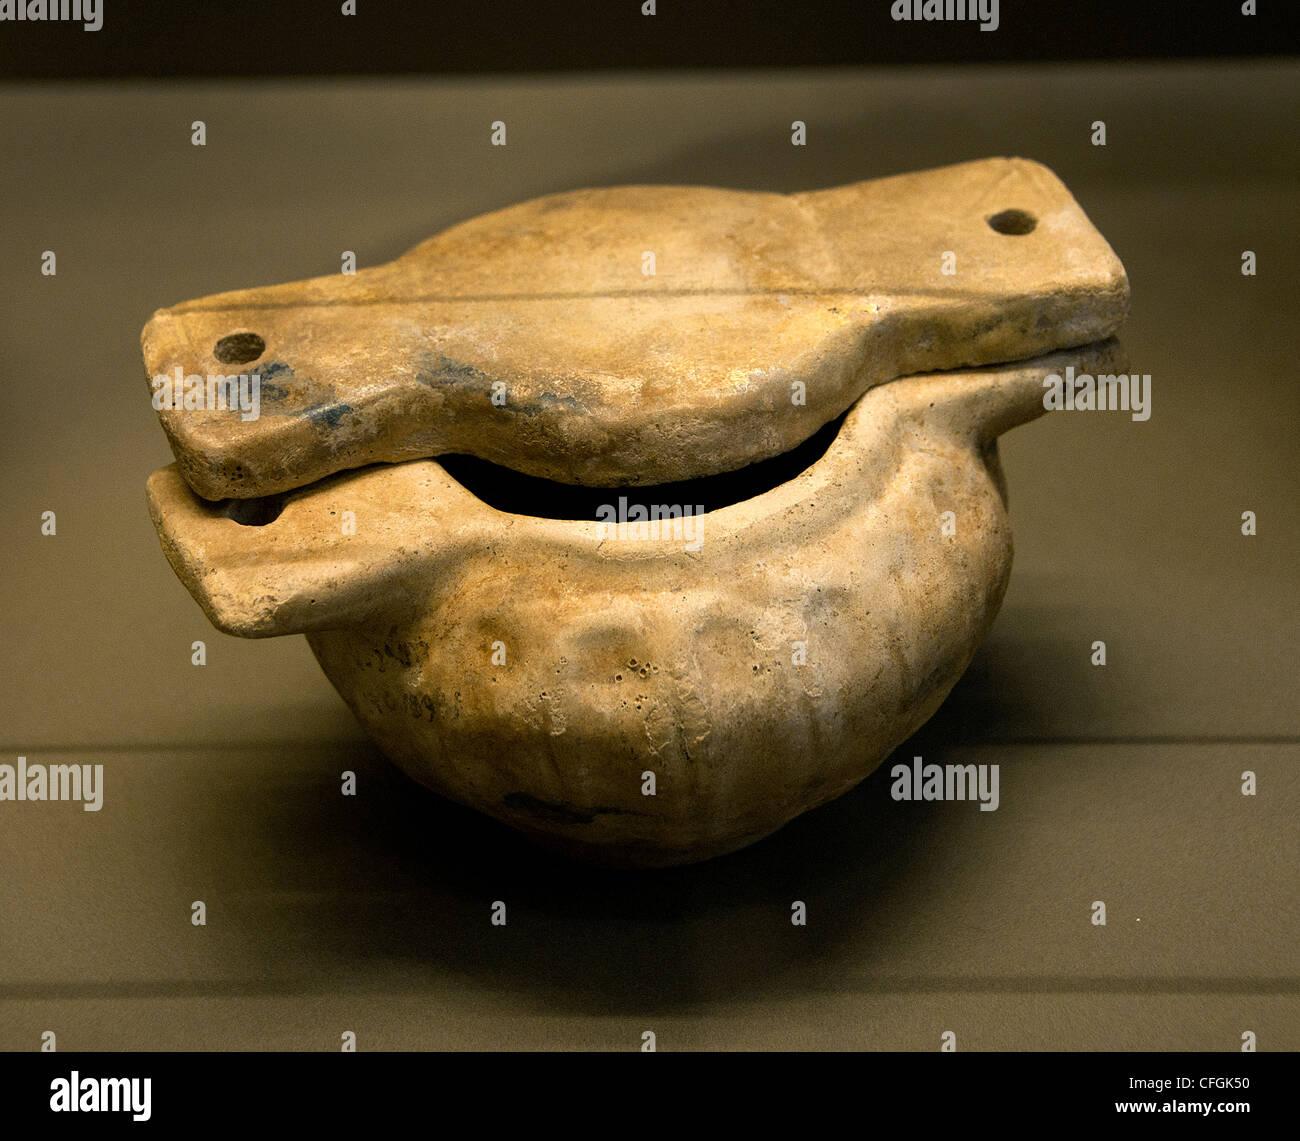 Ceramiche pyxides tombe mobili metà assiro 13 - 12 secolo A.C. Mesopotamia Immagini Stock